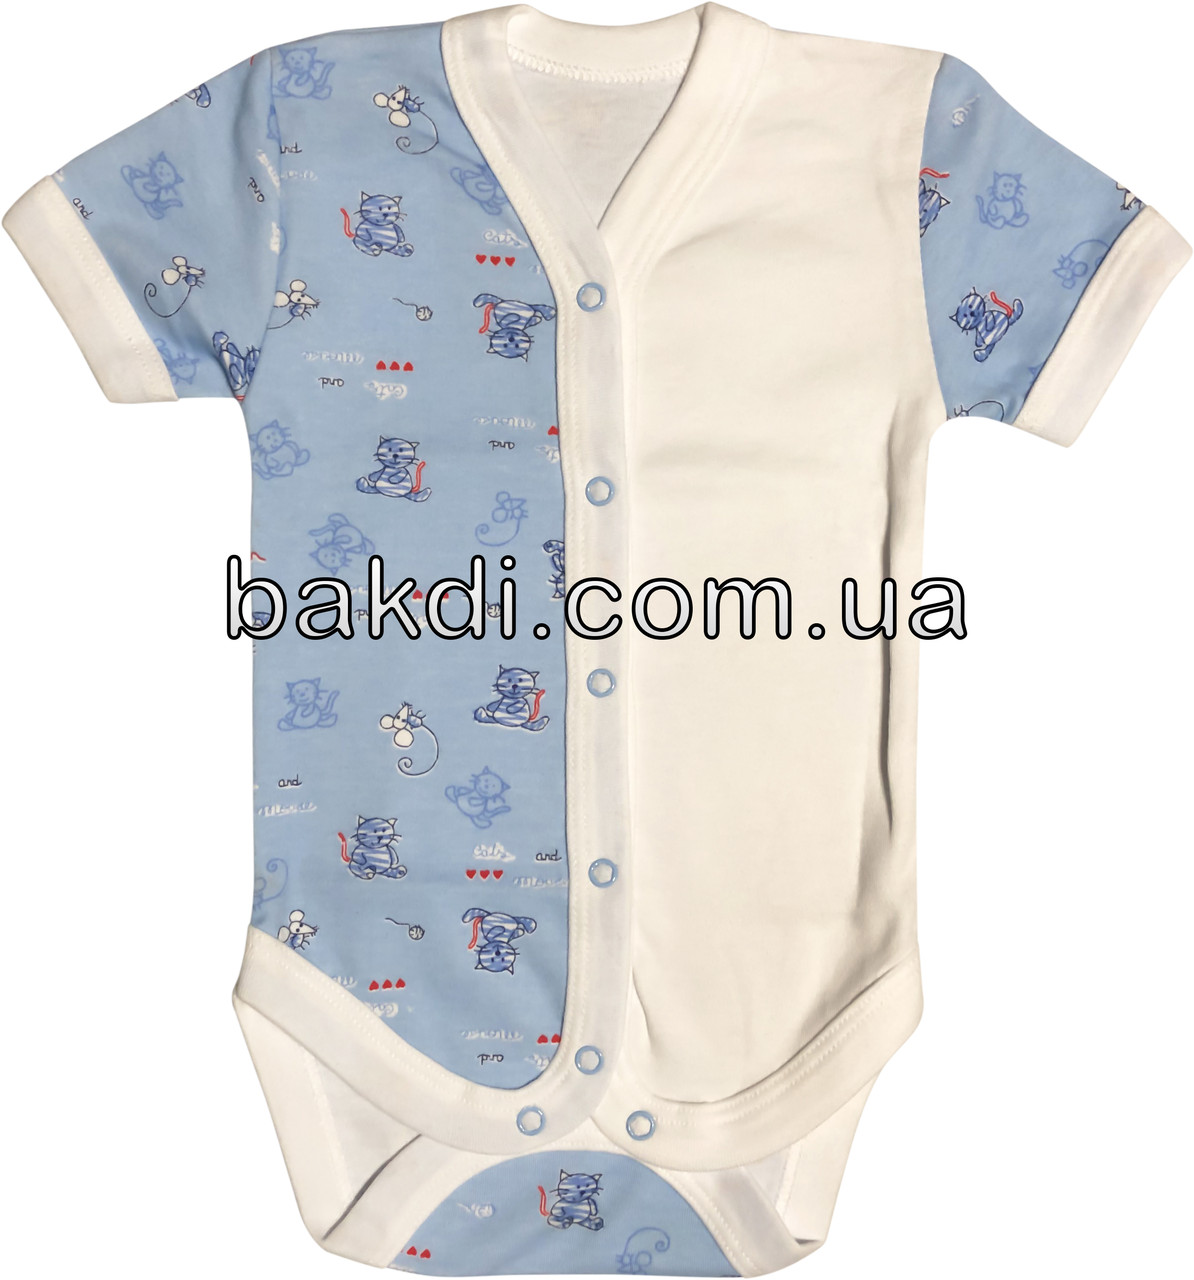 Дитяче літнє боді ріст 56 0-2 міс трикотажне інтерлок блакитне на хлопчика бодік з коротким рукавом для